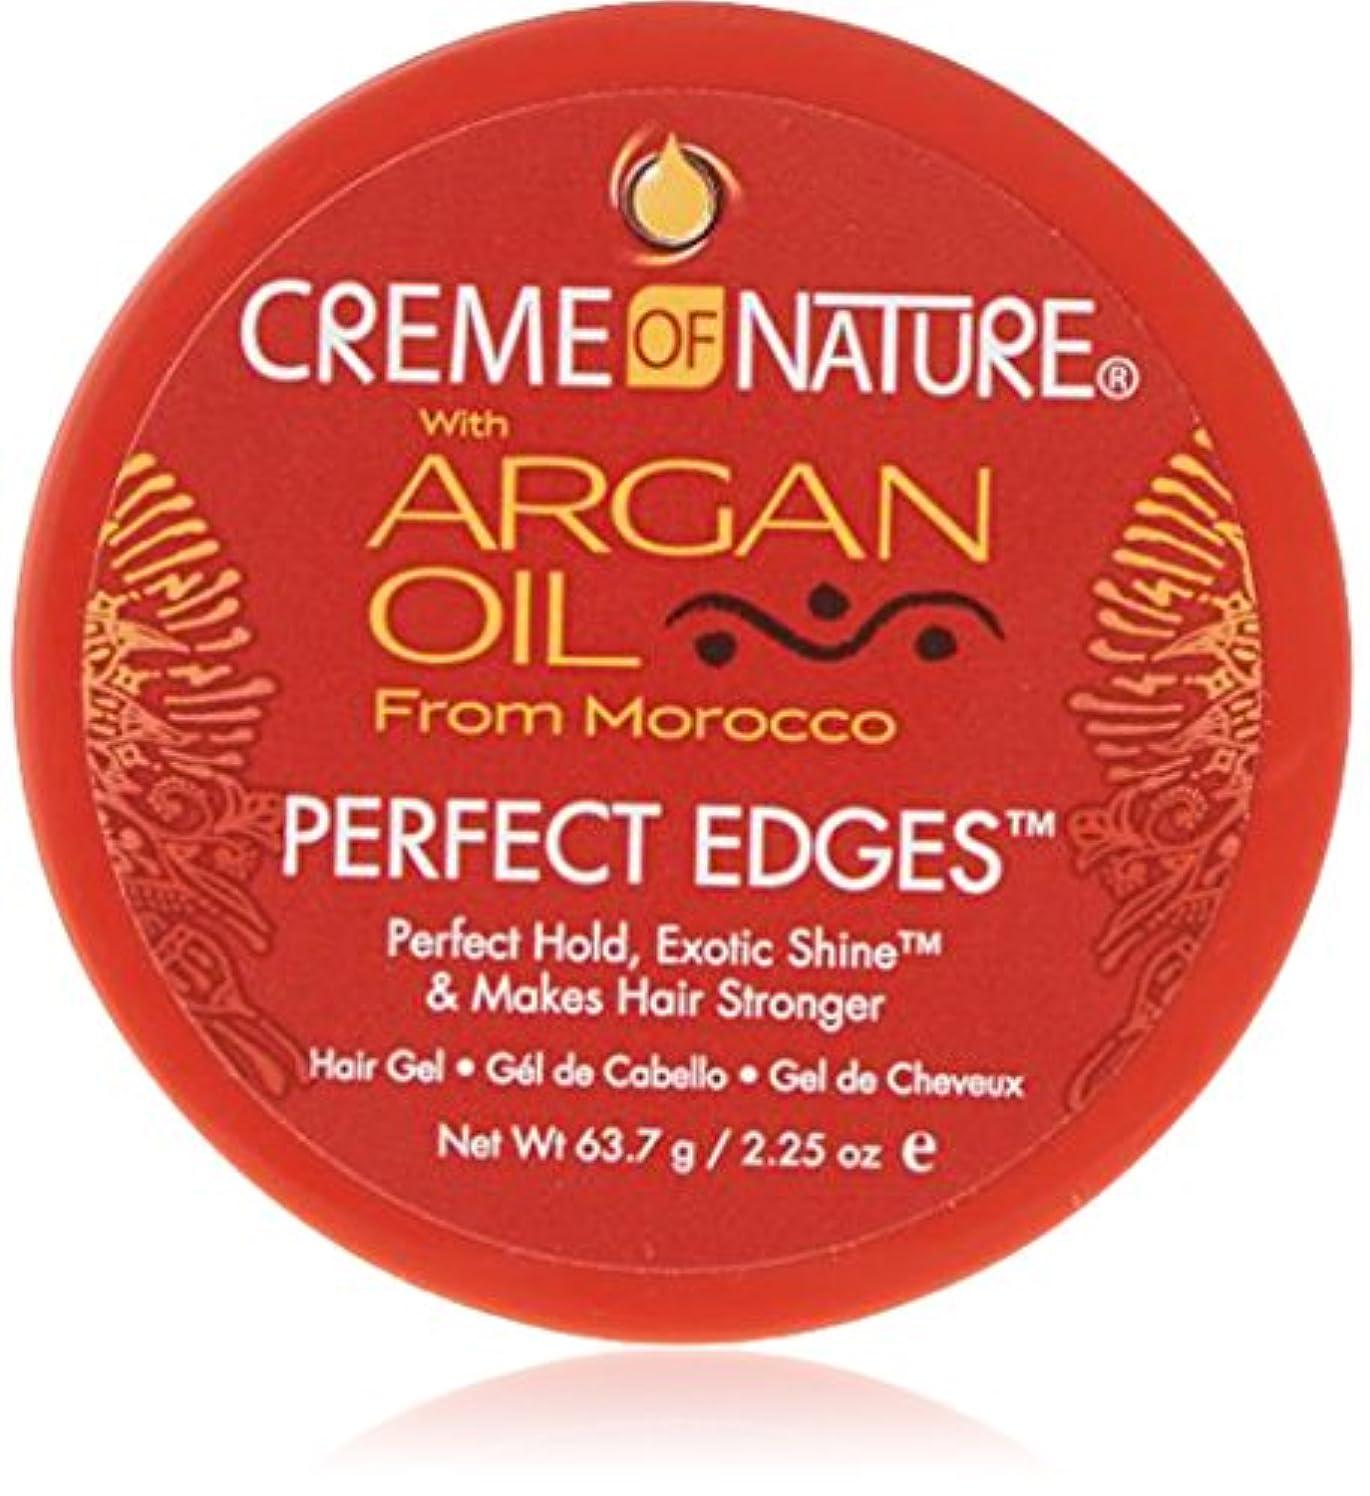 銀河遠足発揮するCreme of Nature Argan Oil Perfect Edges Control 64g Jar (並行輸入品)